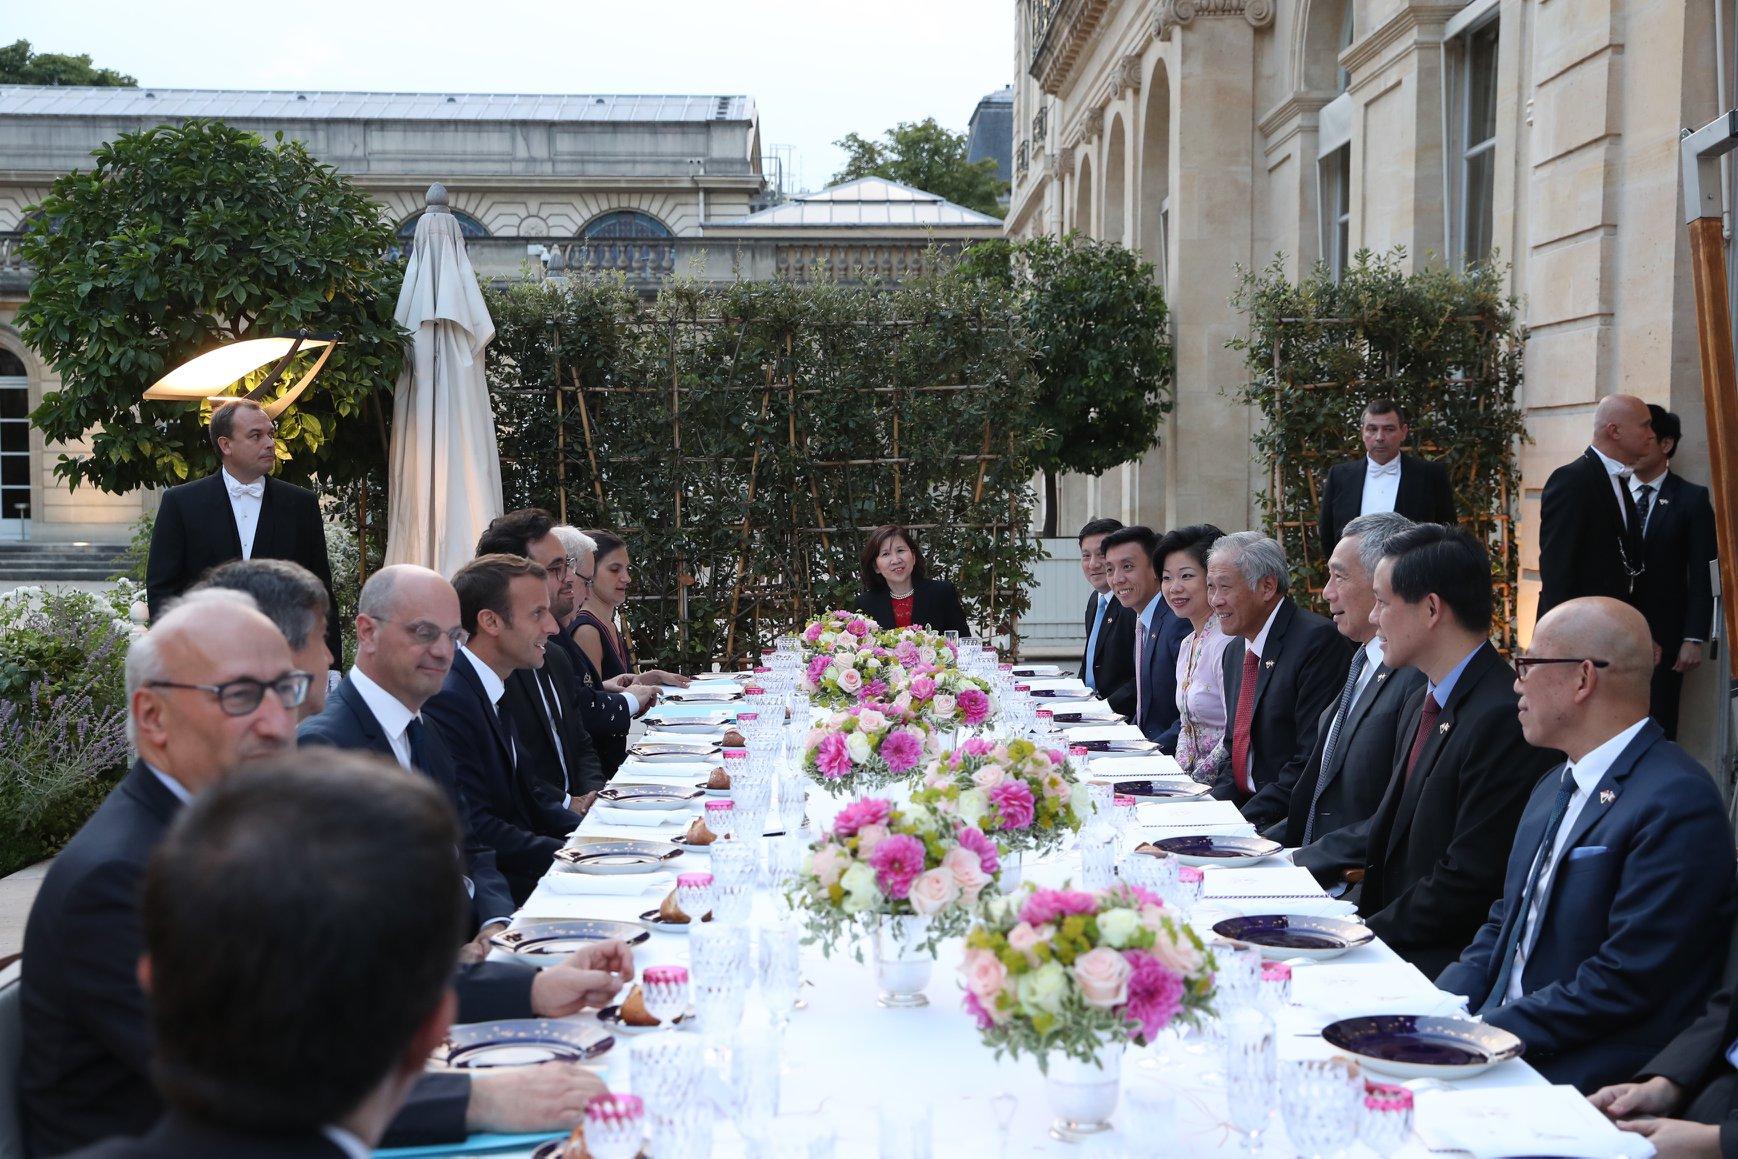 rencontres premier ministre ng Singapour datation Bandra